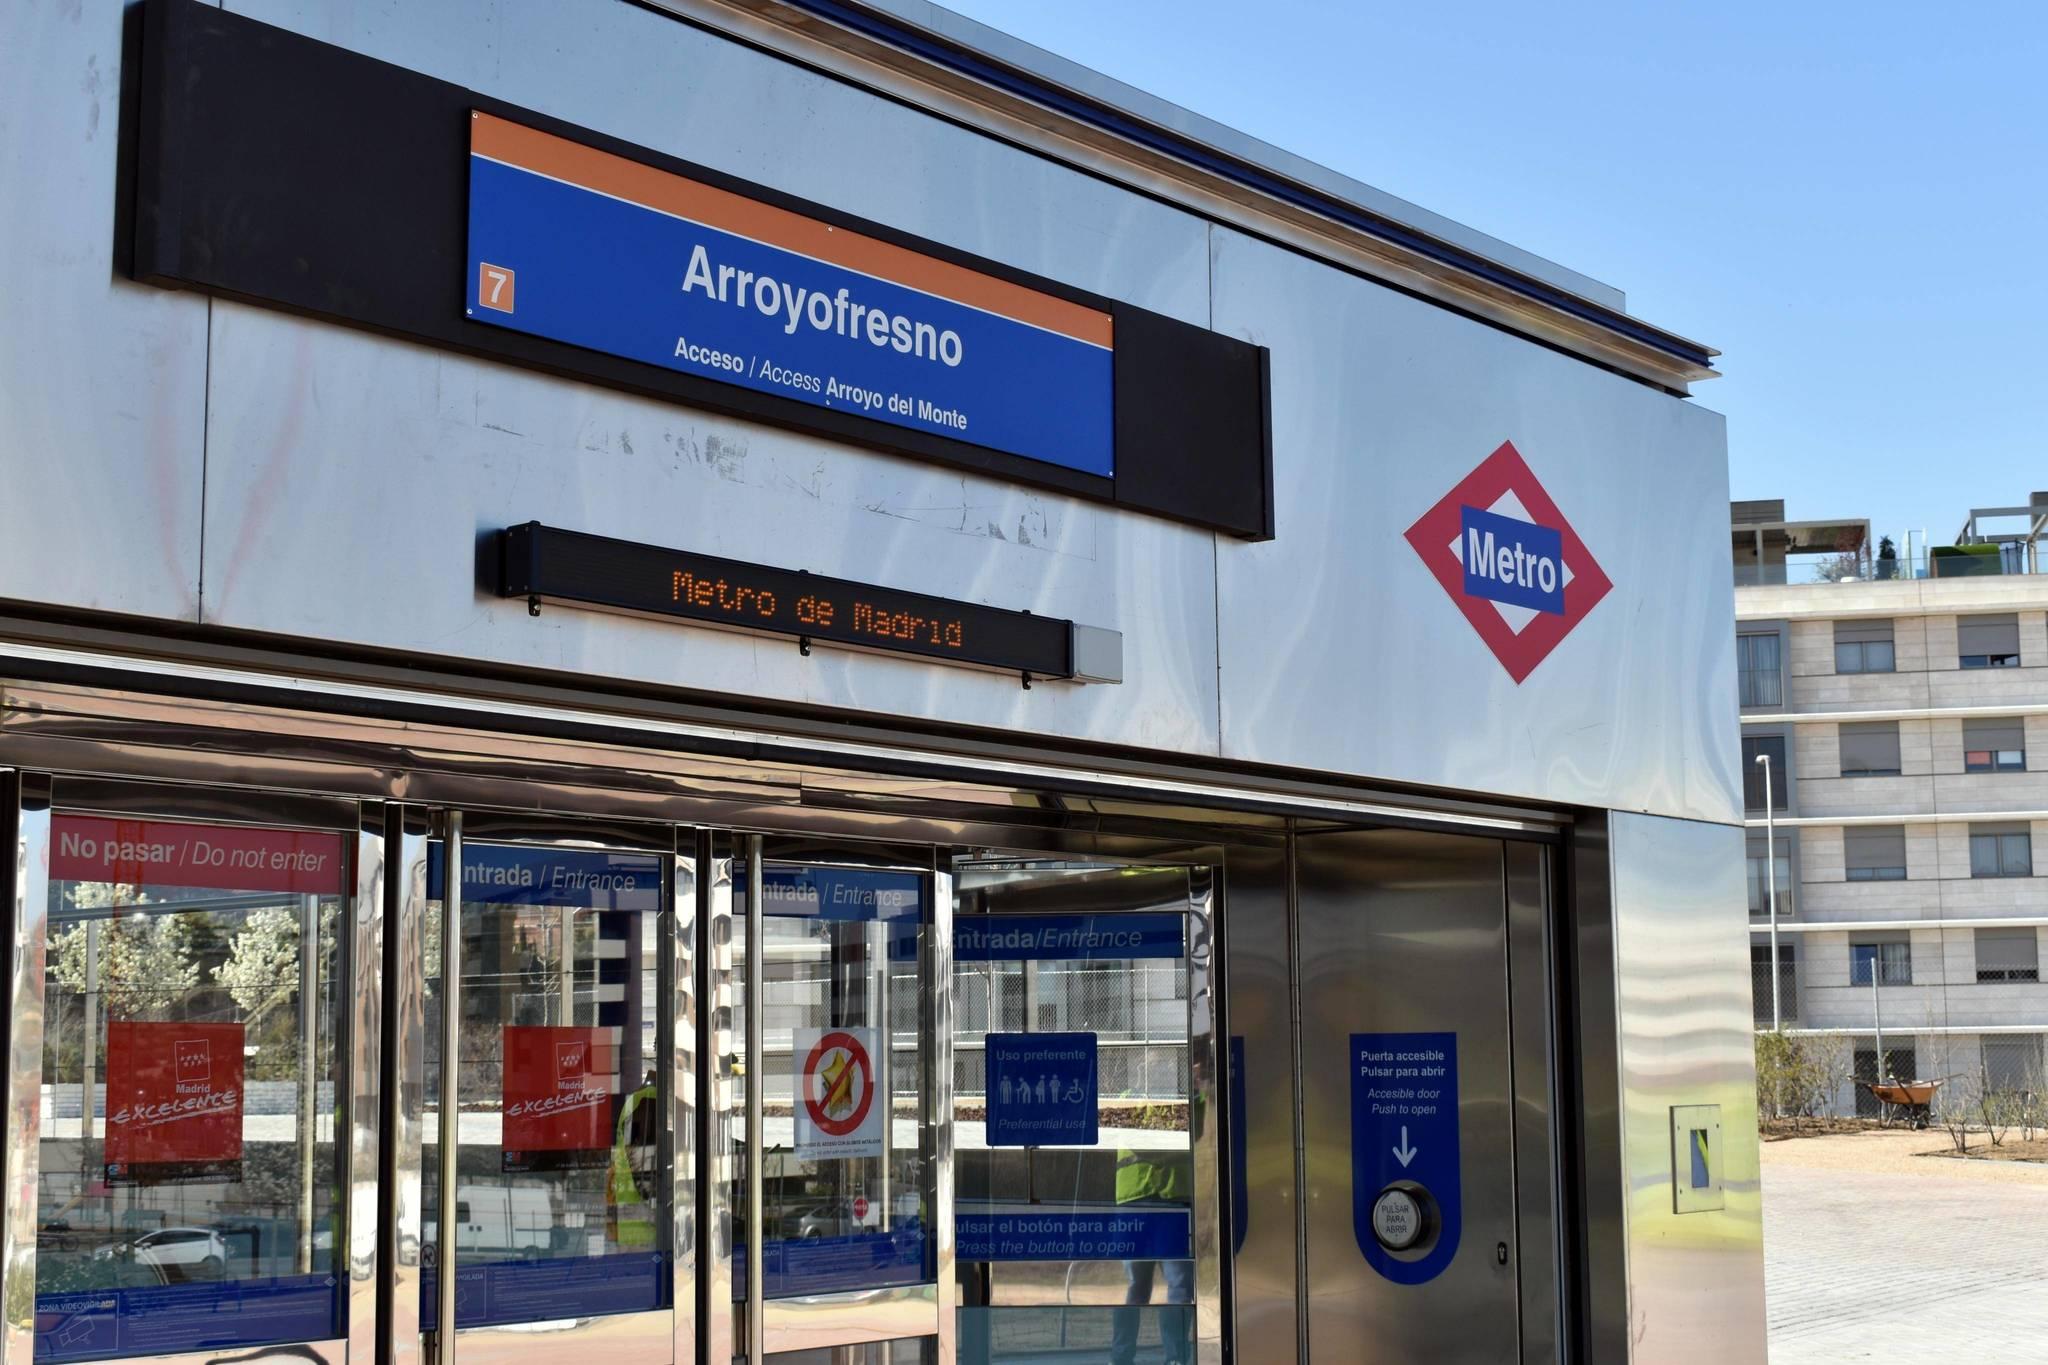 La estación de Arroyofresno abre 20 años después de su construcción